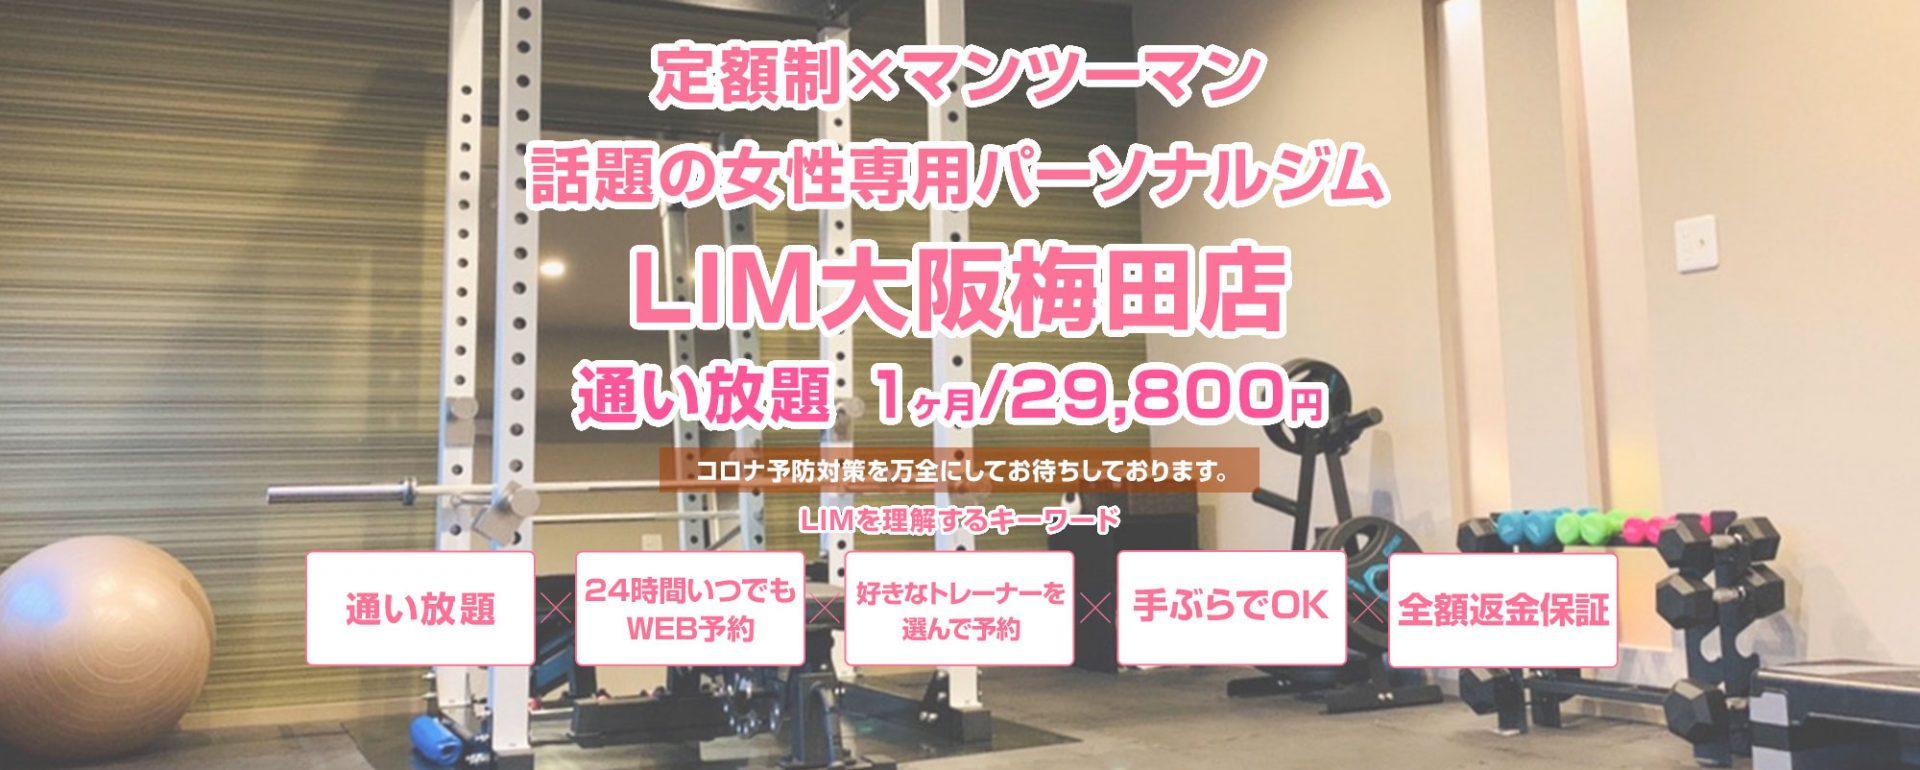 LIM大阪梅田店